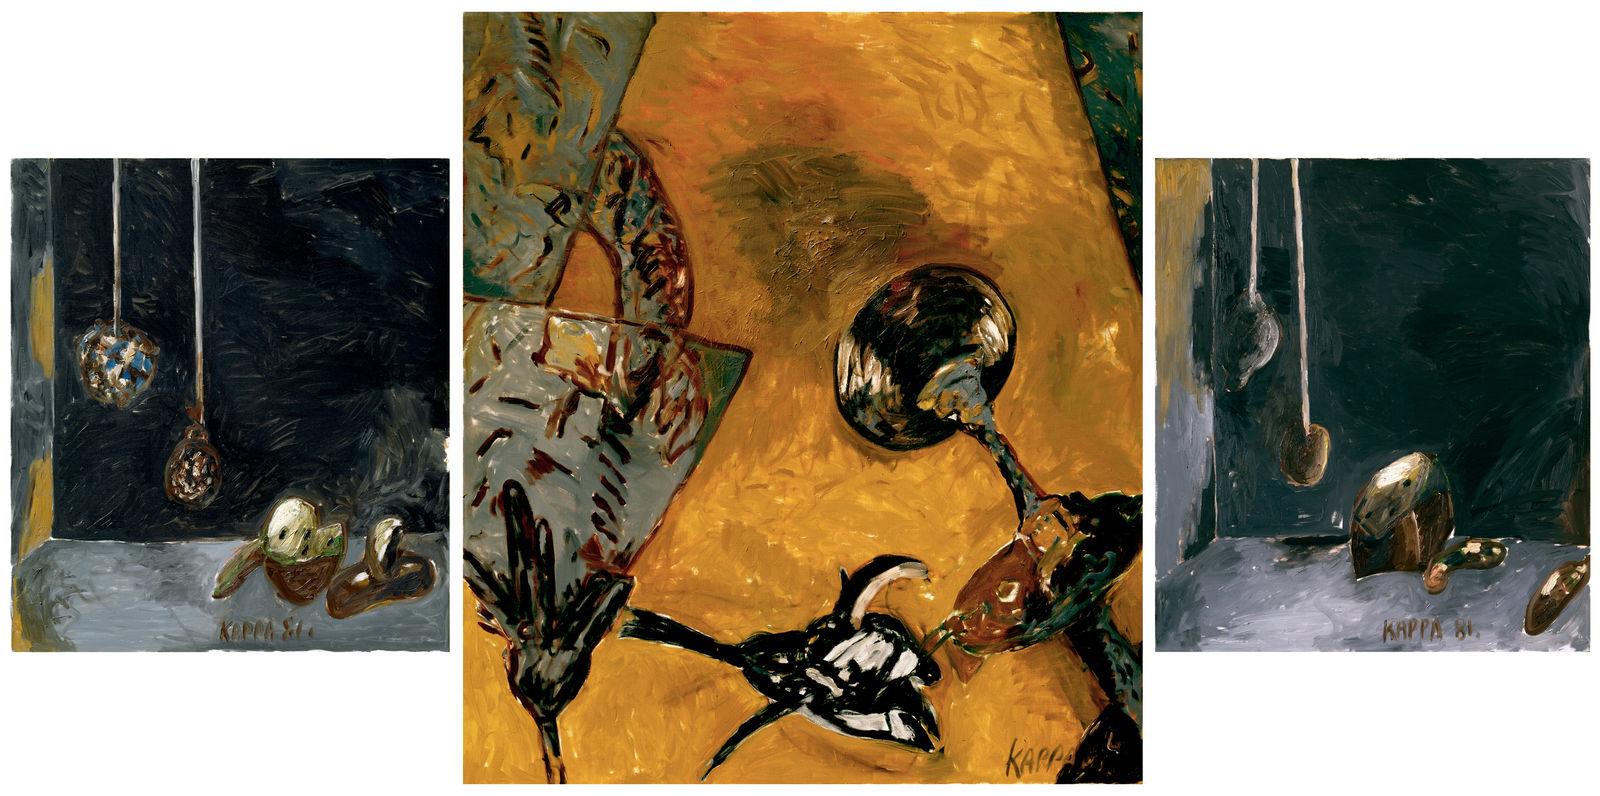 Schwarzmacht Triptychon , 1981, Oil on canvas, 79h x 156w in (201h x 396w cm), Morat-Institute, Freiburg in Breisgau